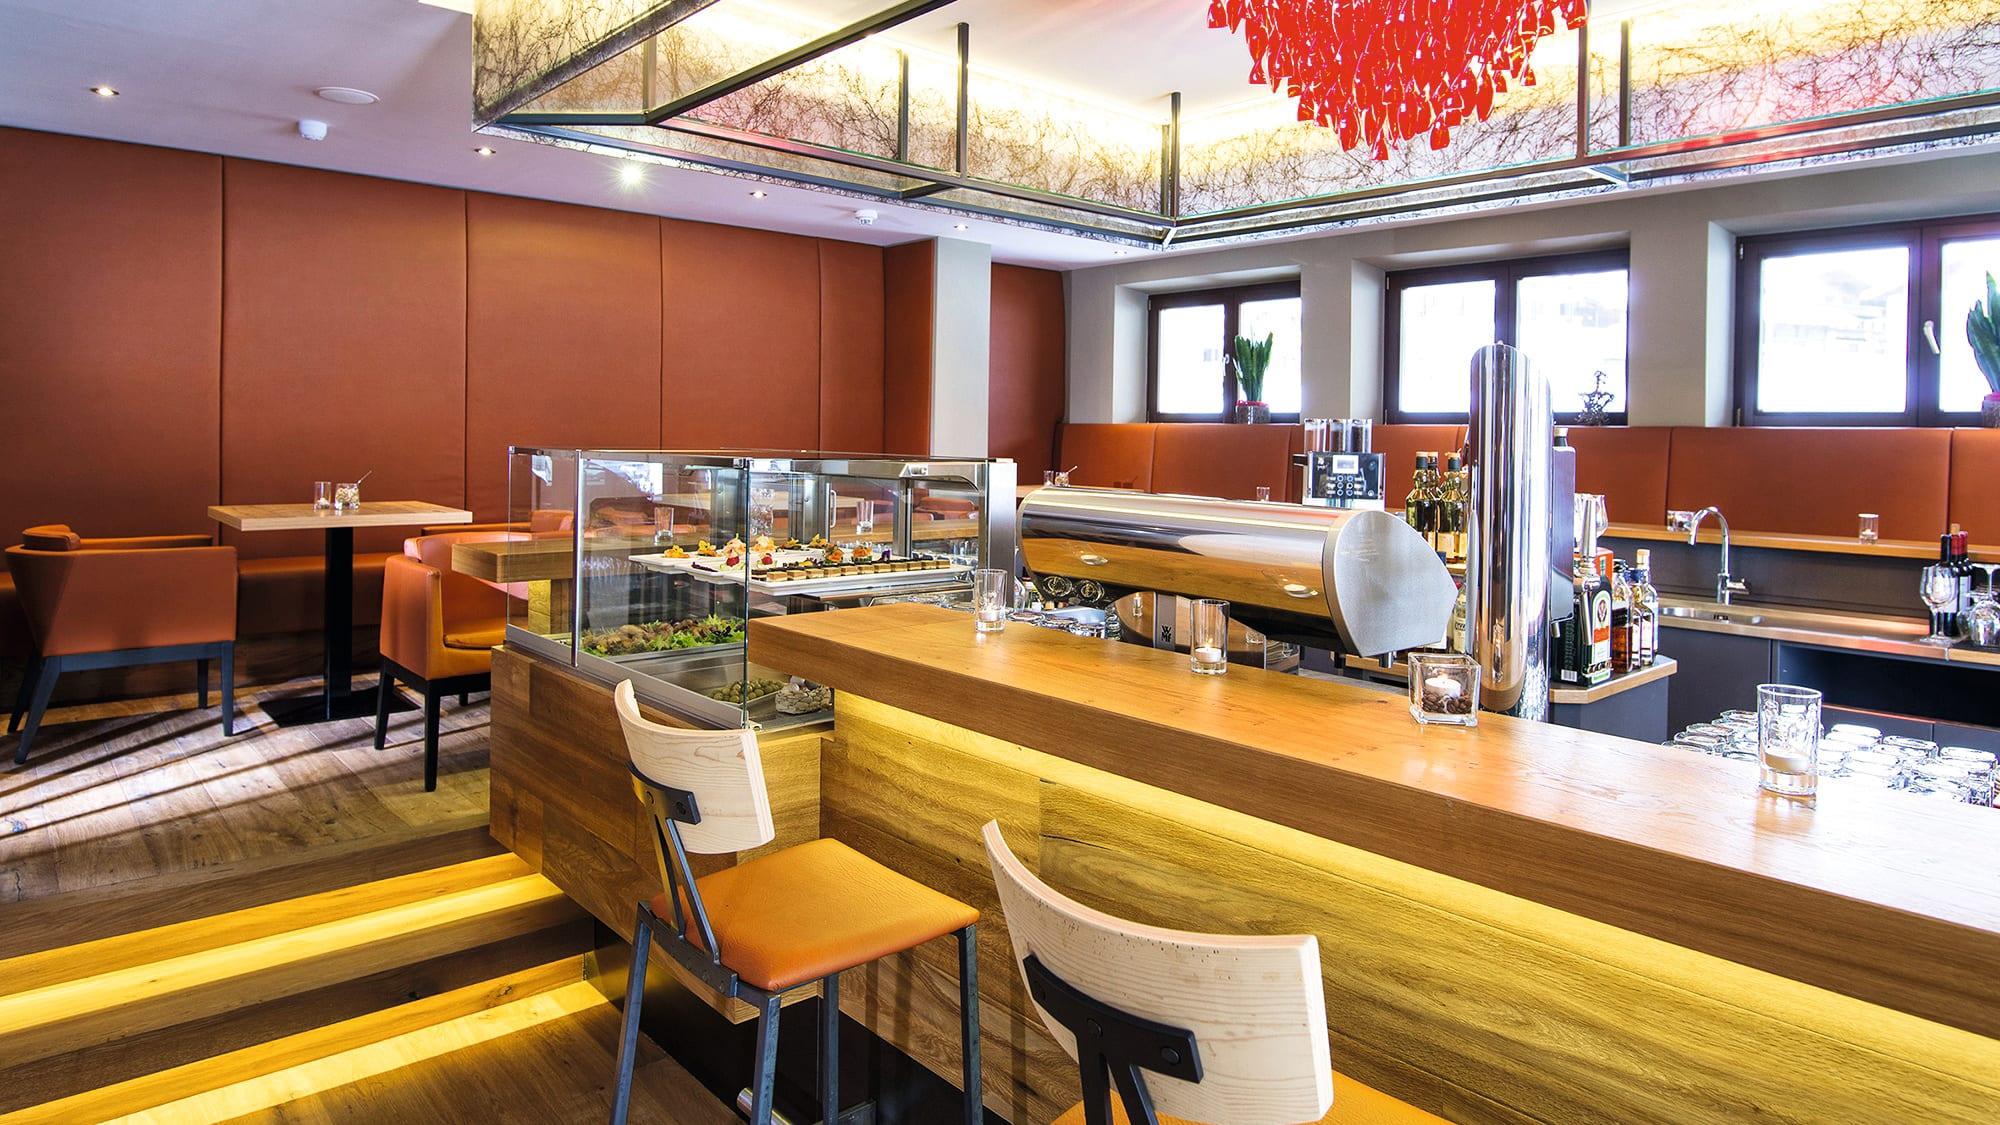 Hotel bar at the Alpin Resort